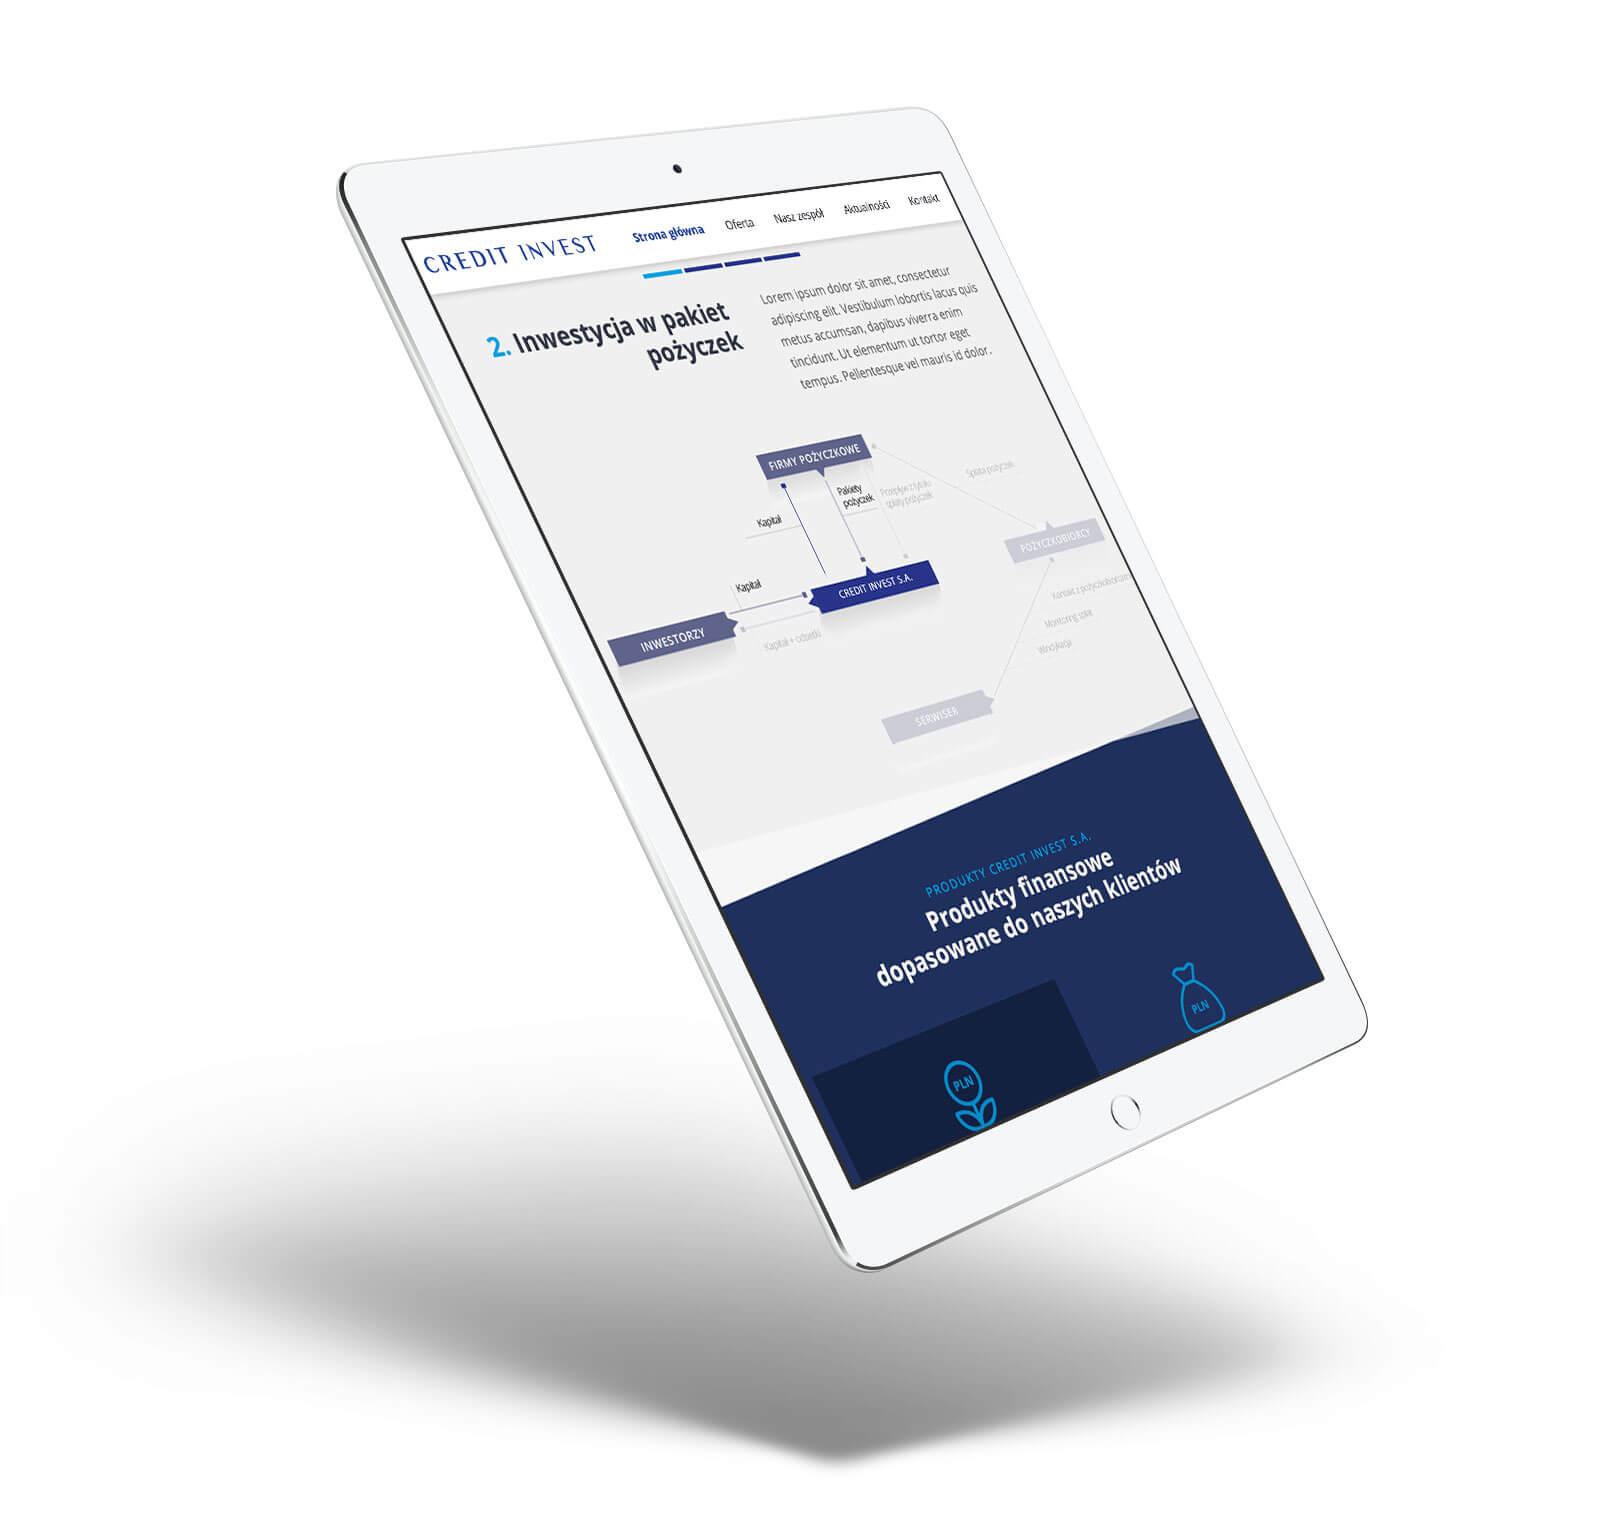 Widok podstrony Credit Invest - projektowanie nowoczesnych stron internetowych